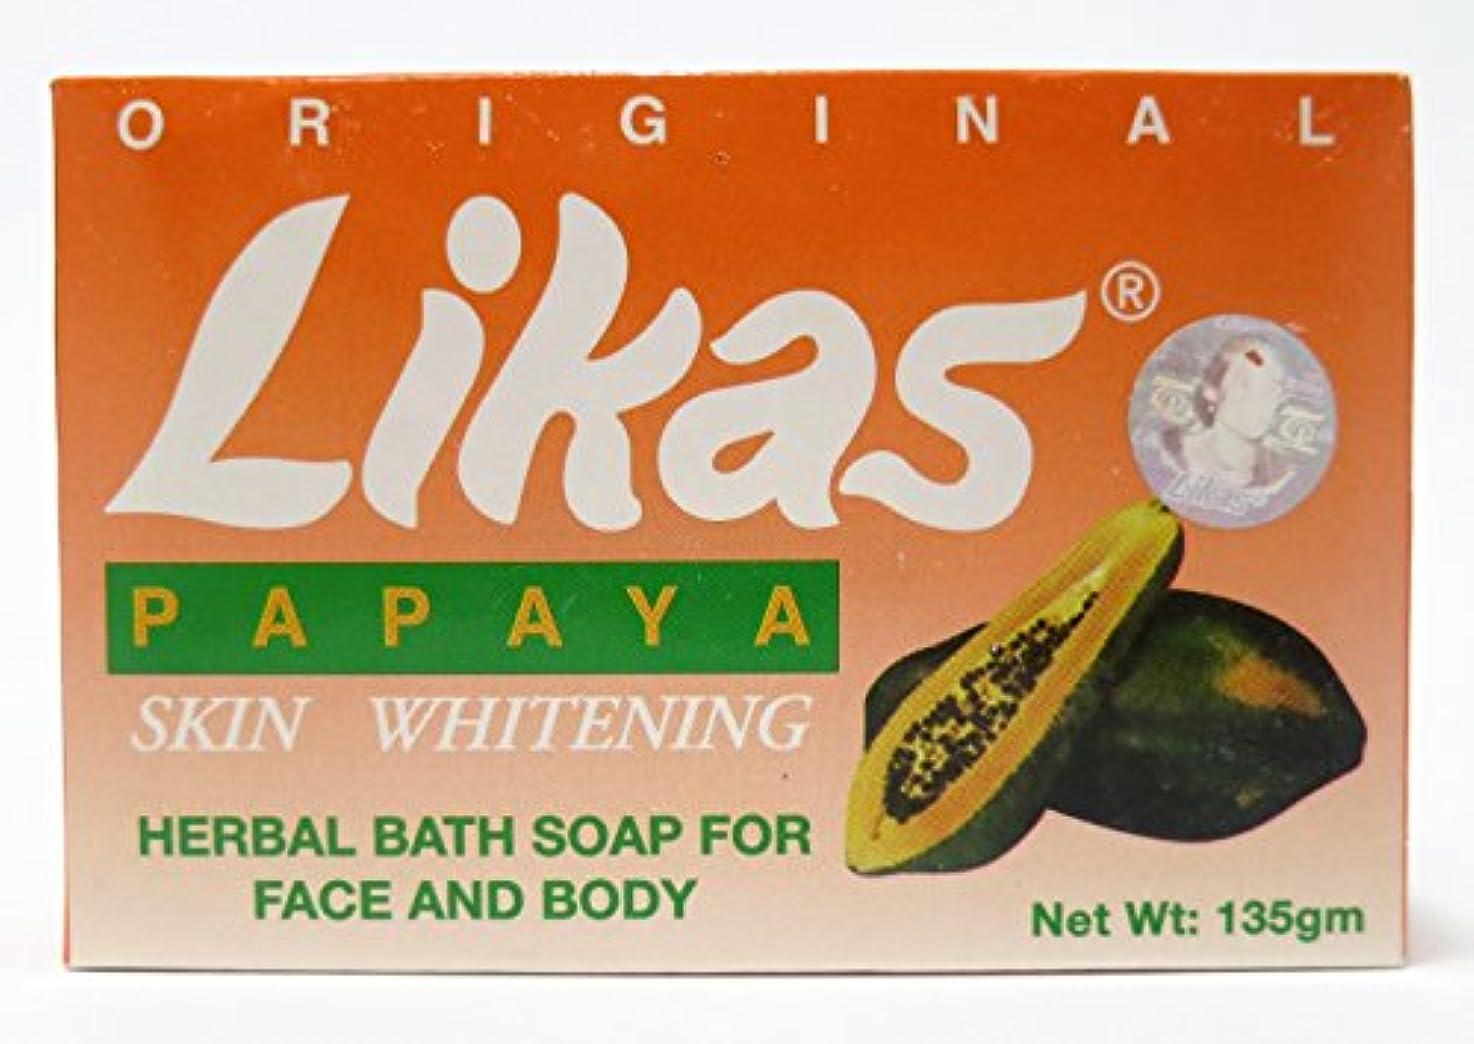 レコーダーセンサー論理Likas PAPAYA SKIN WHITENING HERBAL SOAP 135g リカス パパイヤ スキンホワイトニング ハーバル ソープ